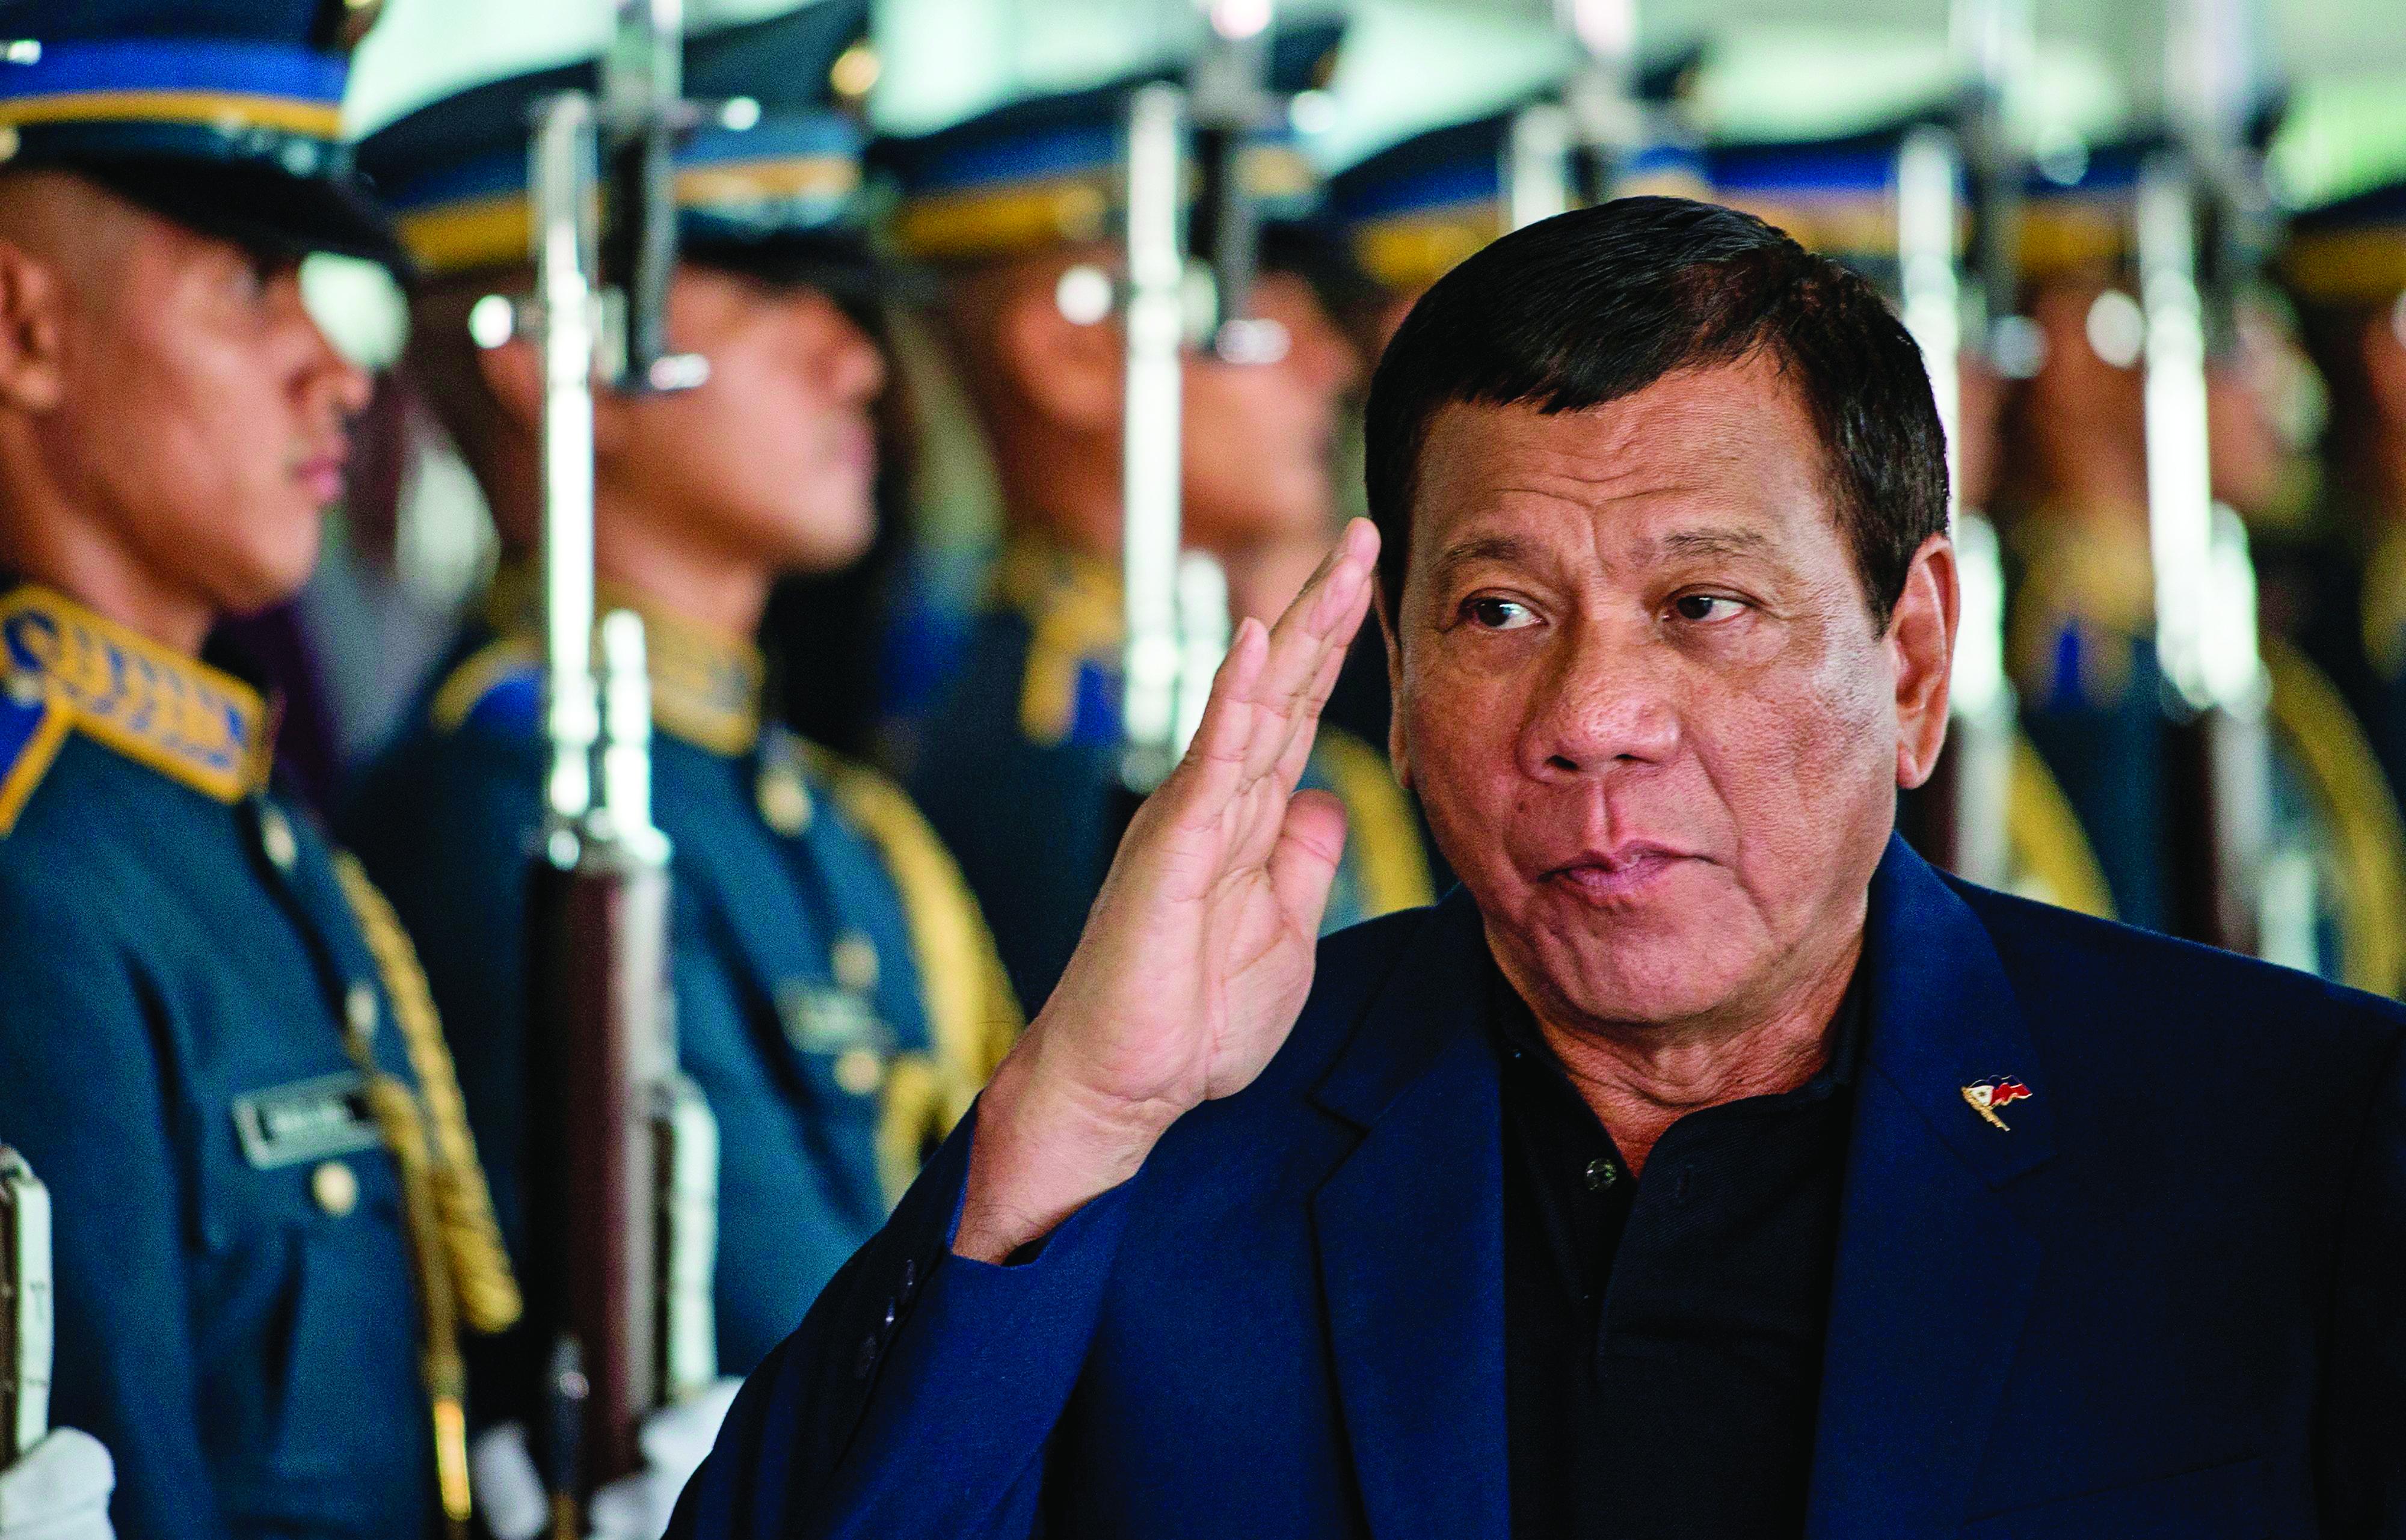 noel 2018 foe Understanding the Popularity of Philippines President Rodrigo Duterte noel 2018 foe